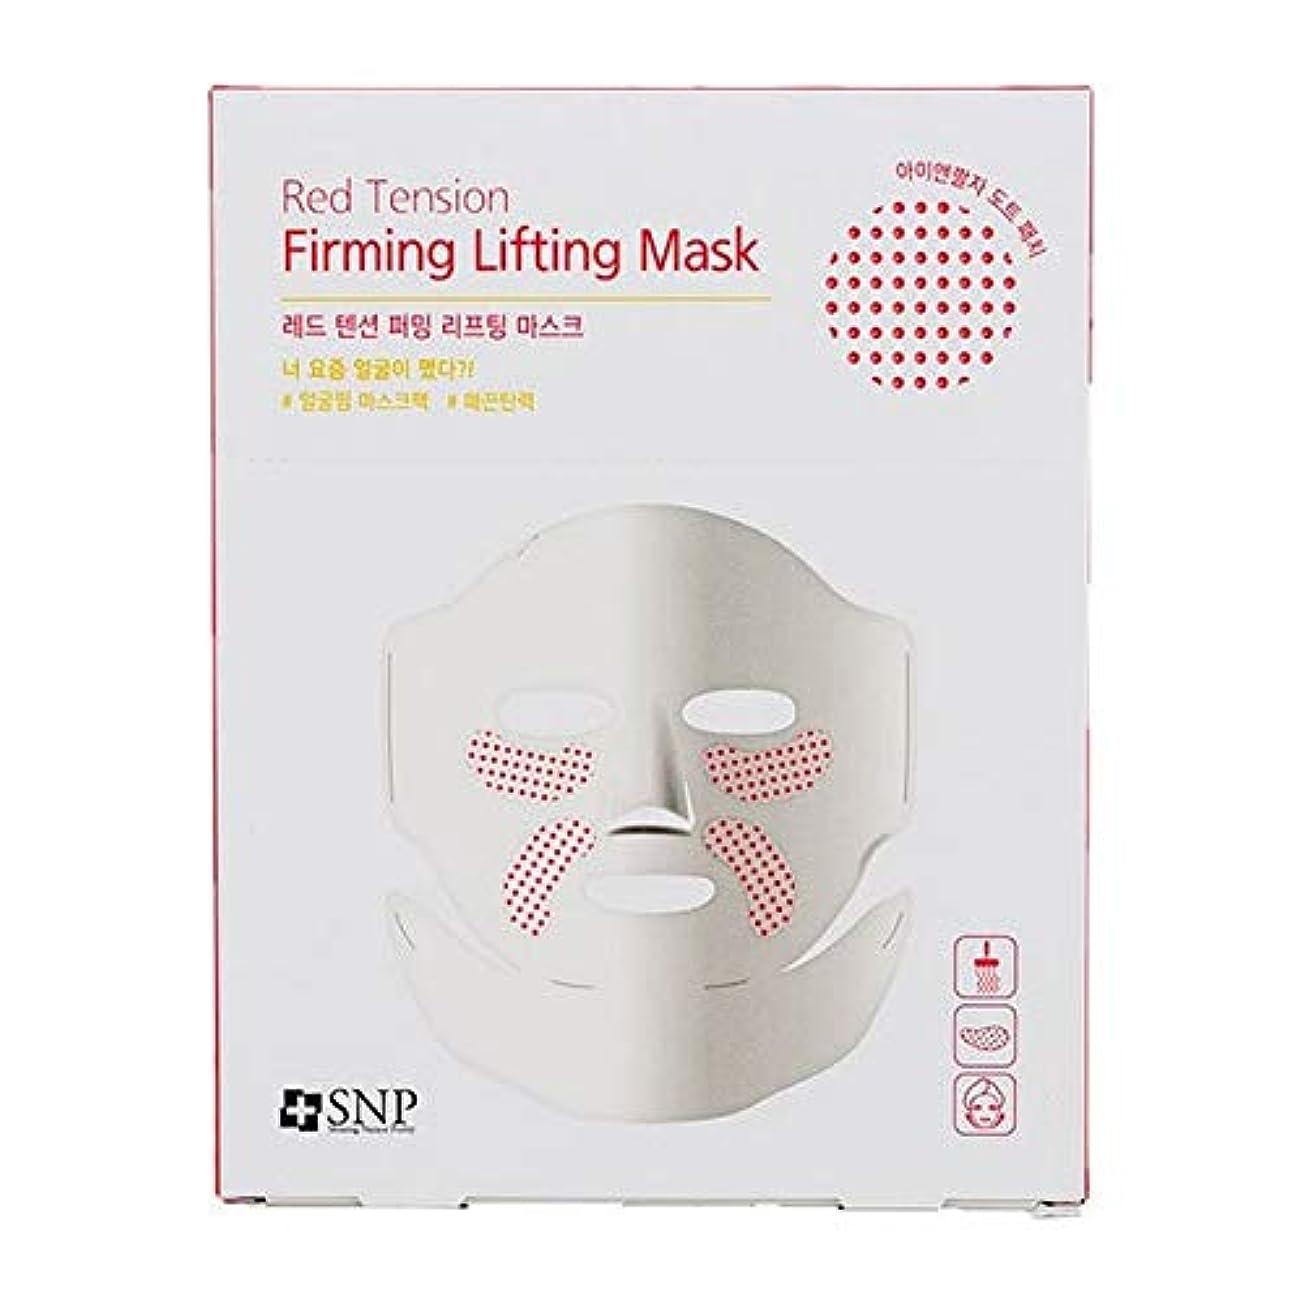 最小やりすぎめまいが[SNP] リフティングマスクを引き締めSnp赤テンション - SNP Red Tension Firming Lifting Mask [並行輸入品]